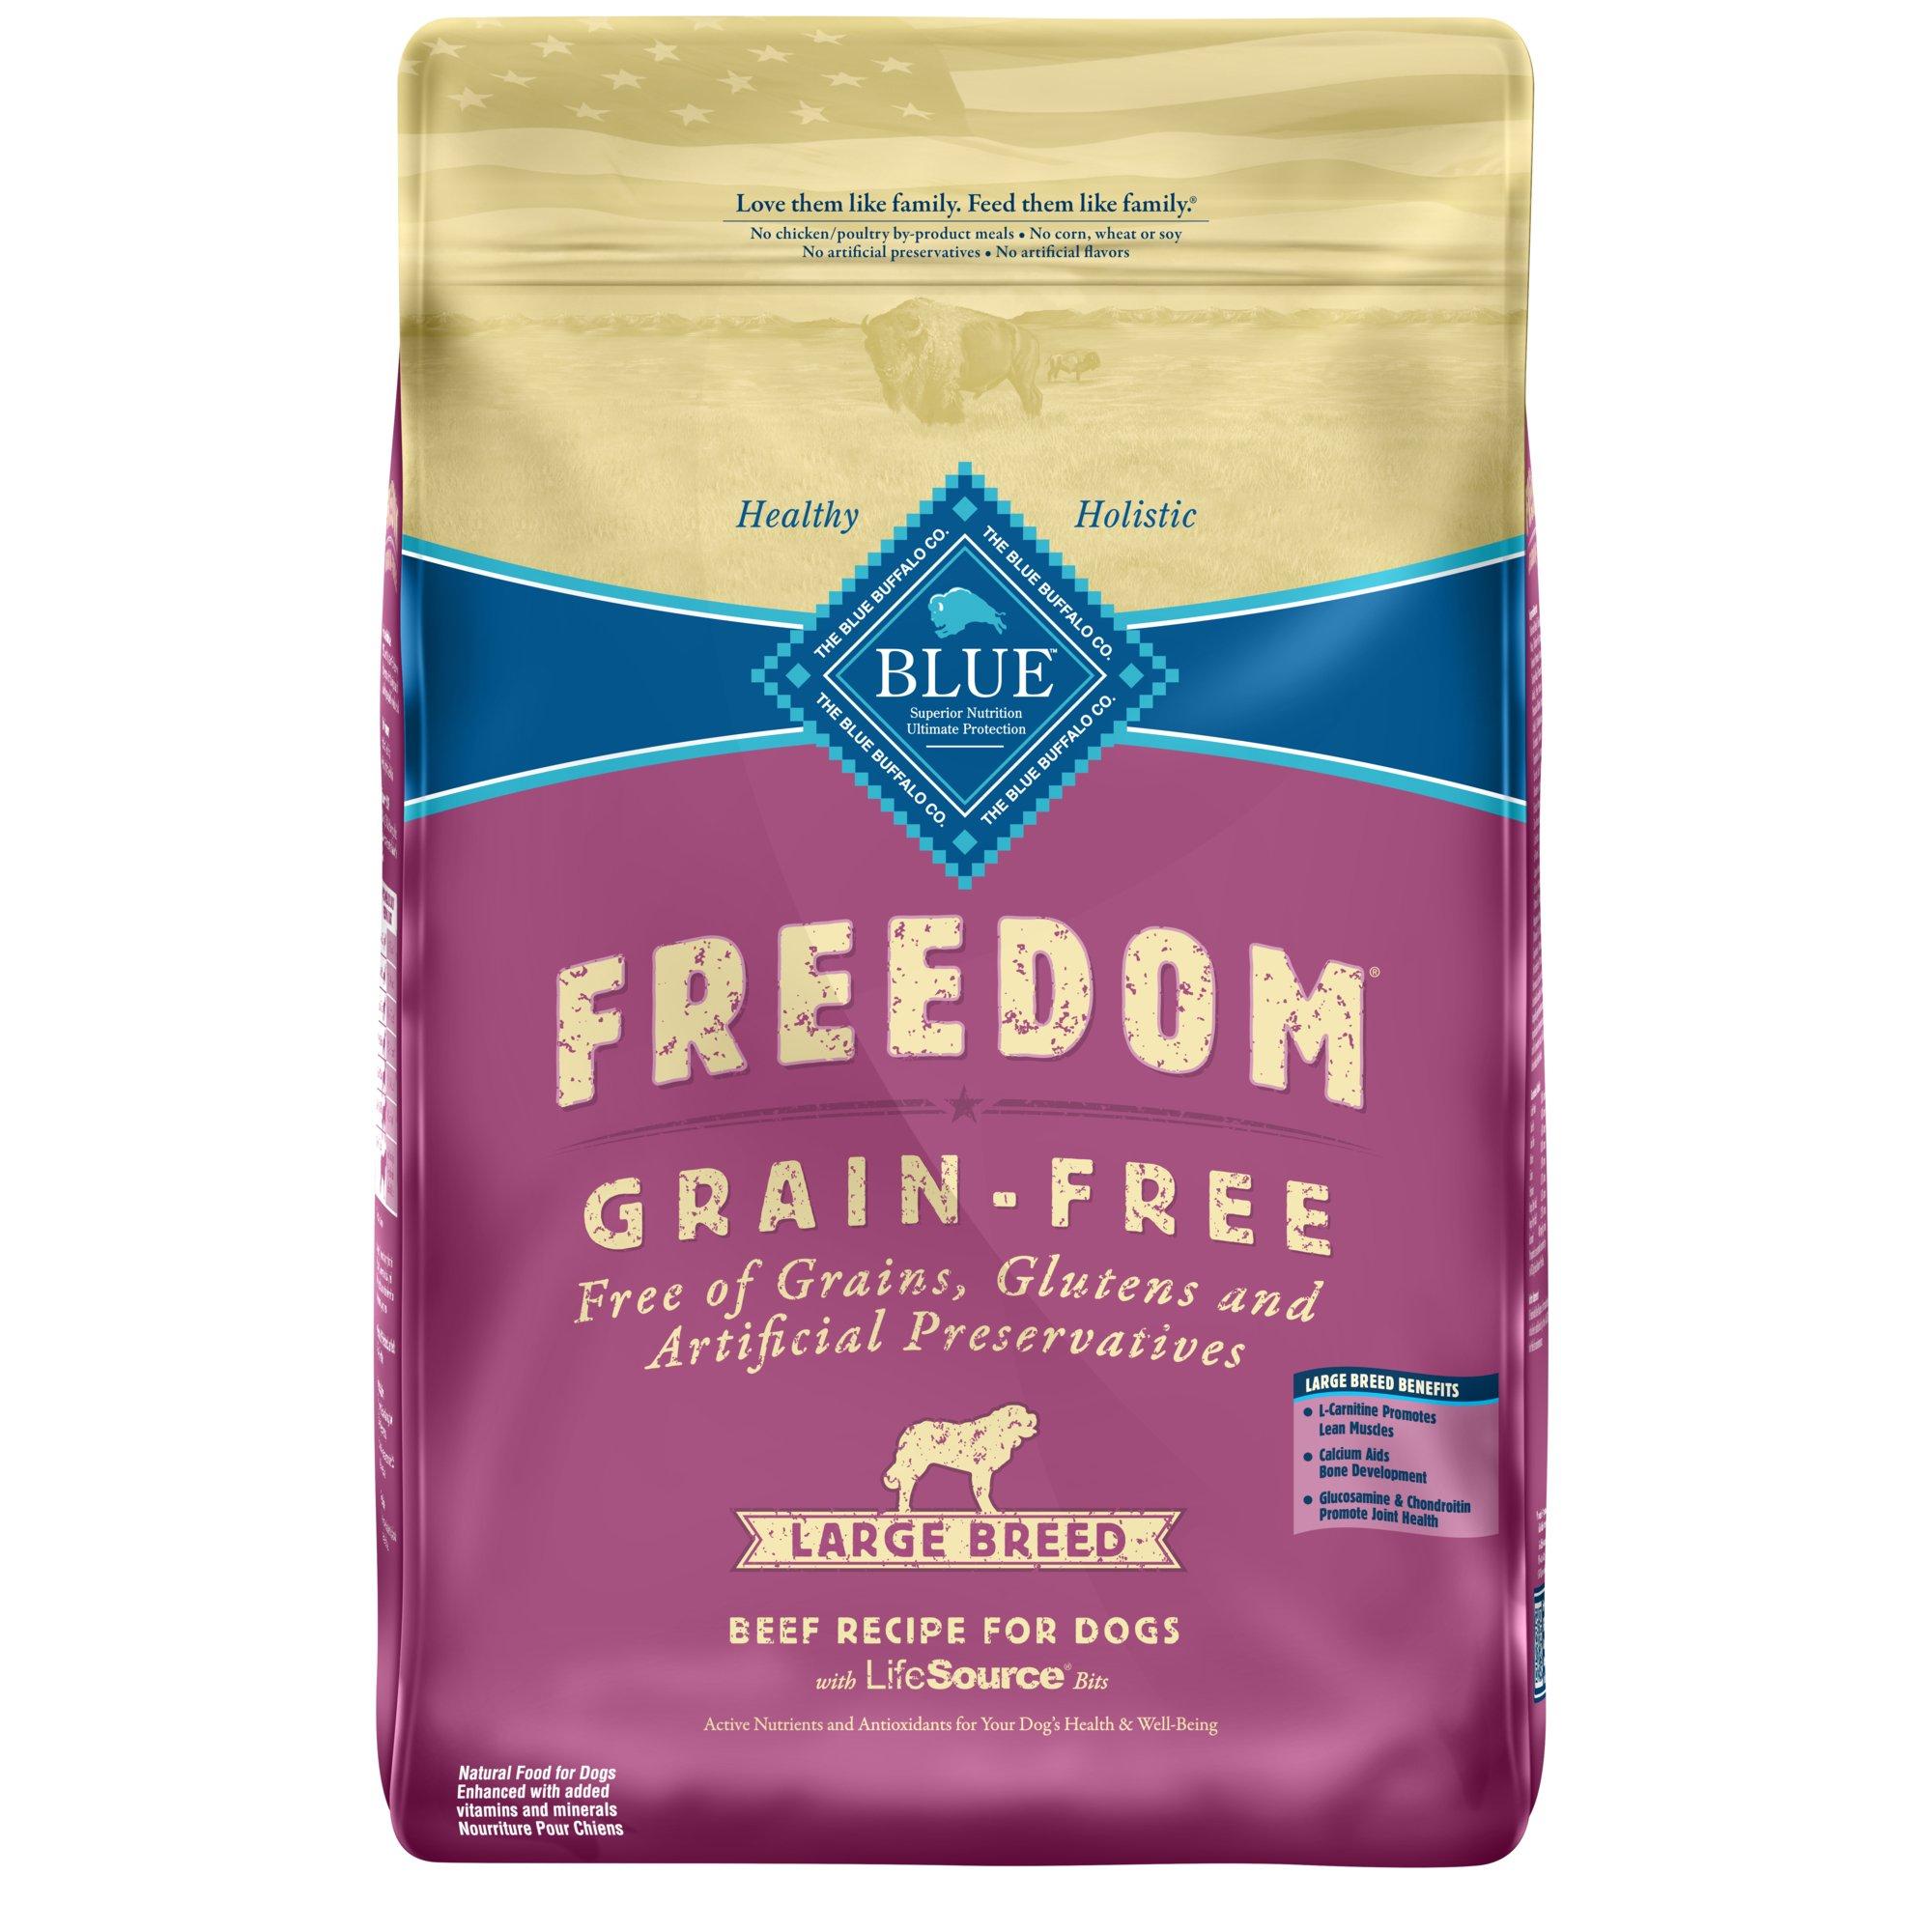 Blue Buffalo Freedom Large Breed Dog Food